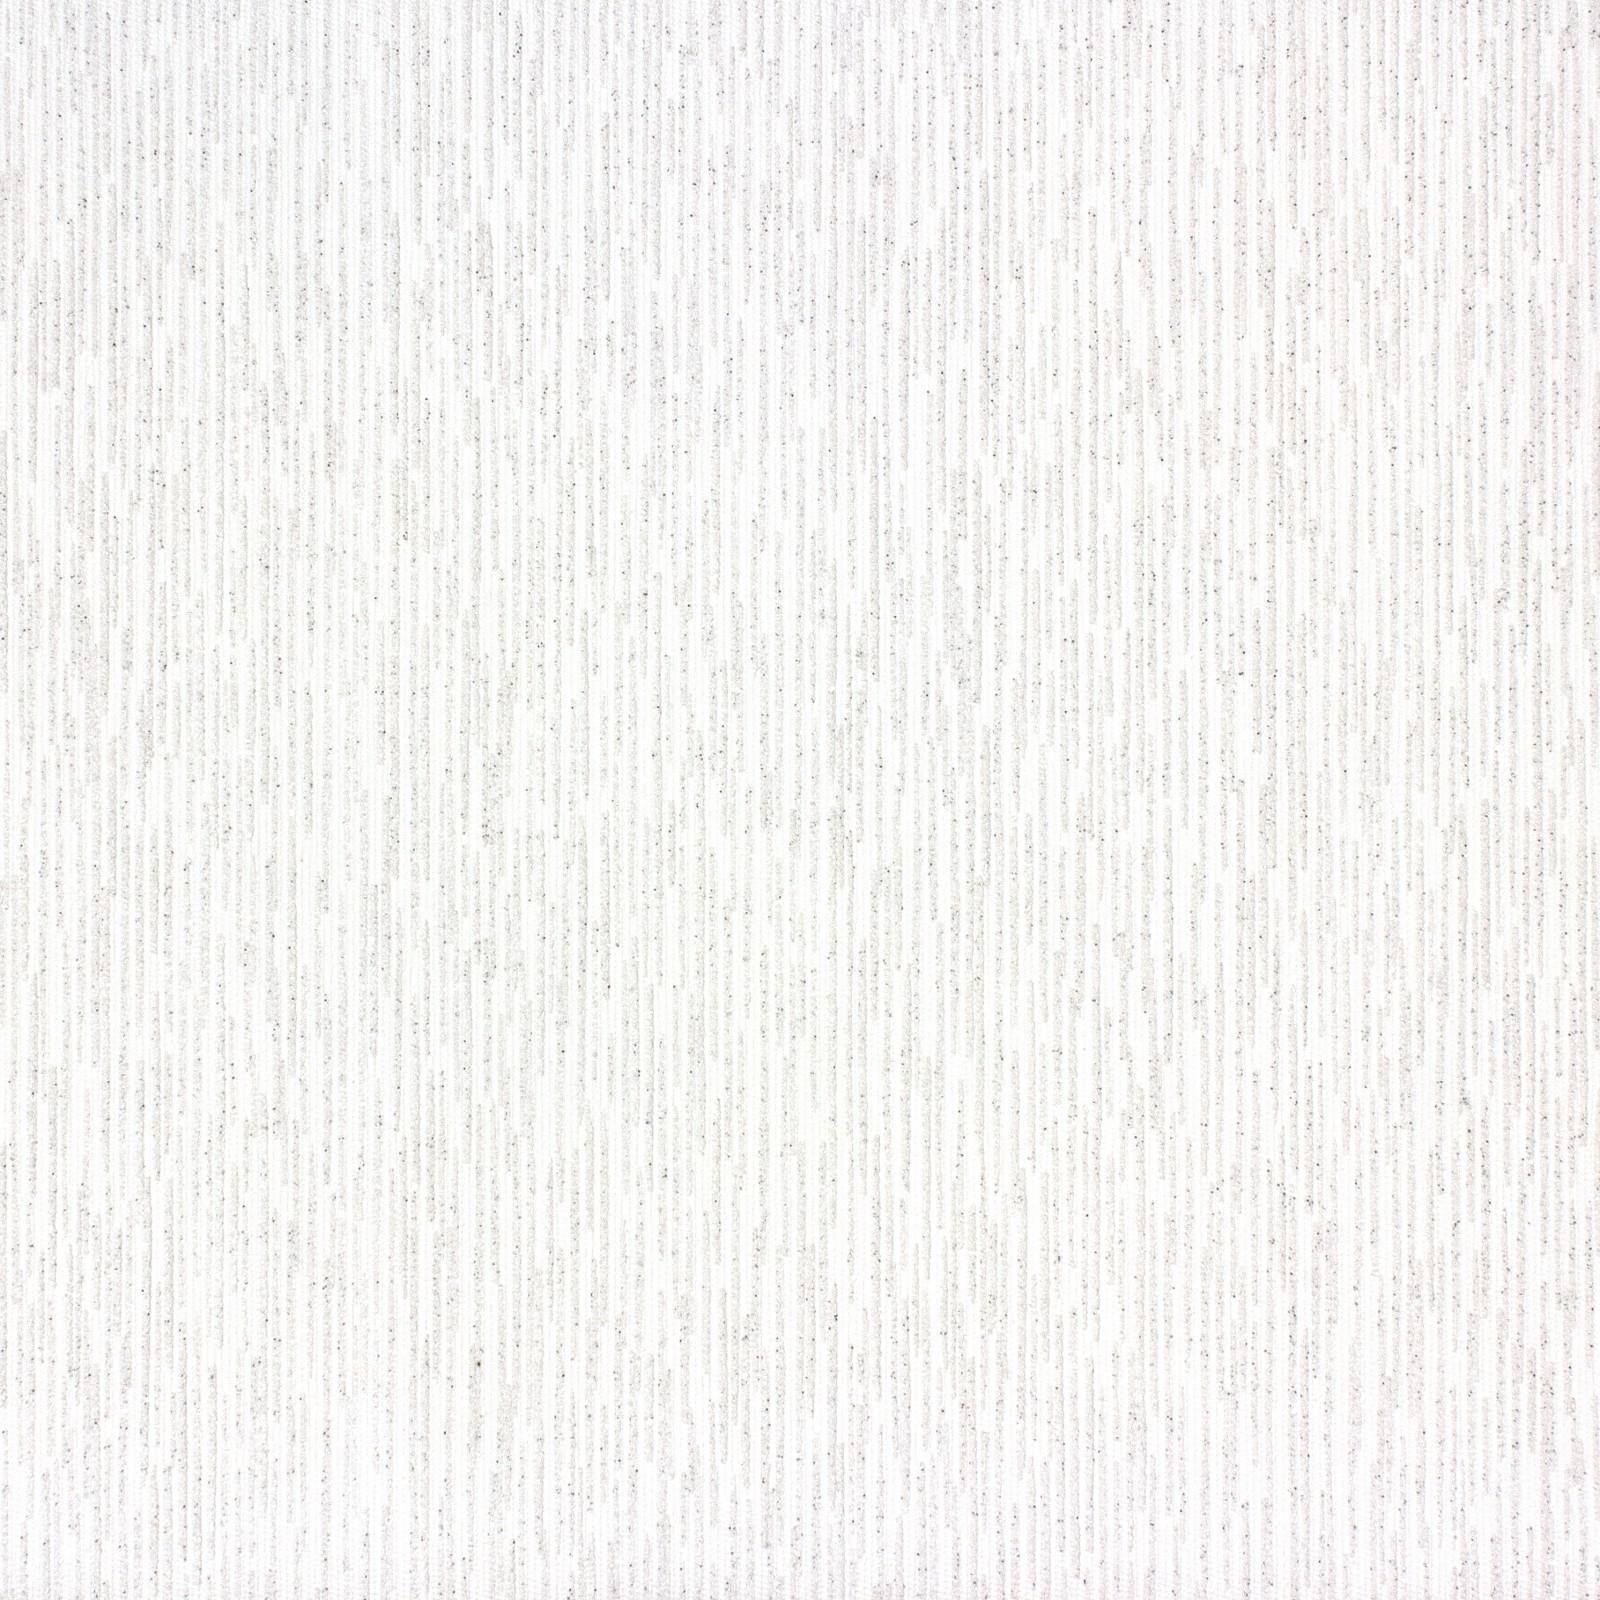 tapete rasch diamond dust 450200 streifen struktur weiss. Black Bedroom Furniture Sets. Home Design Ideas